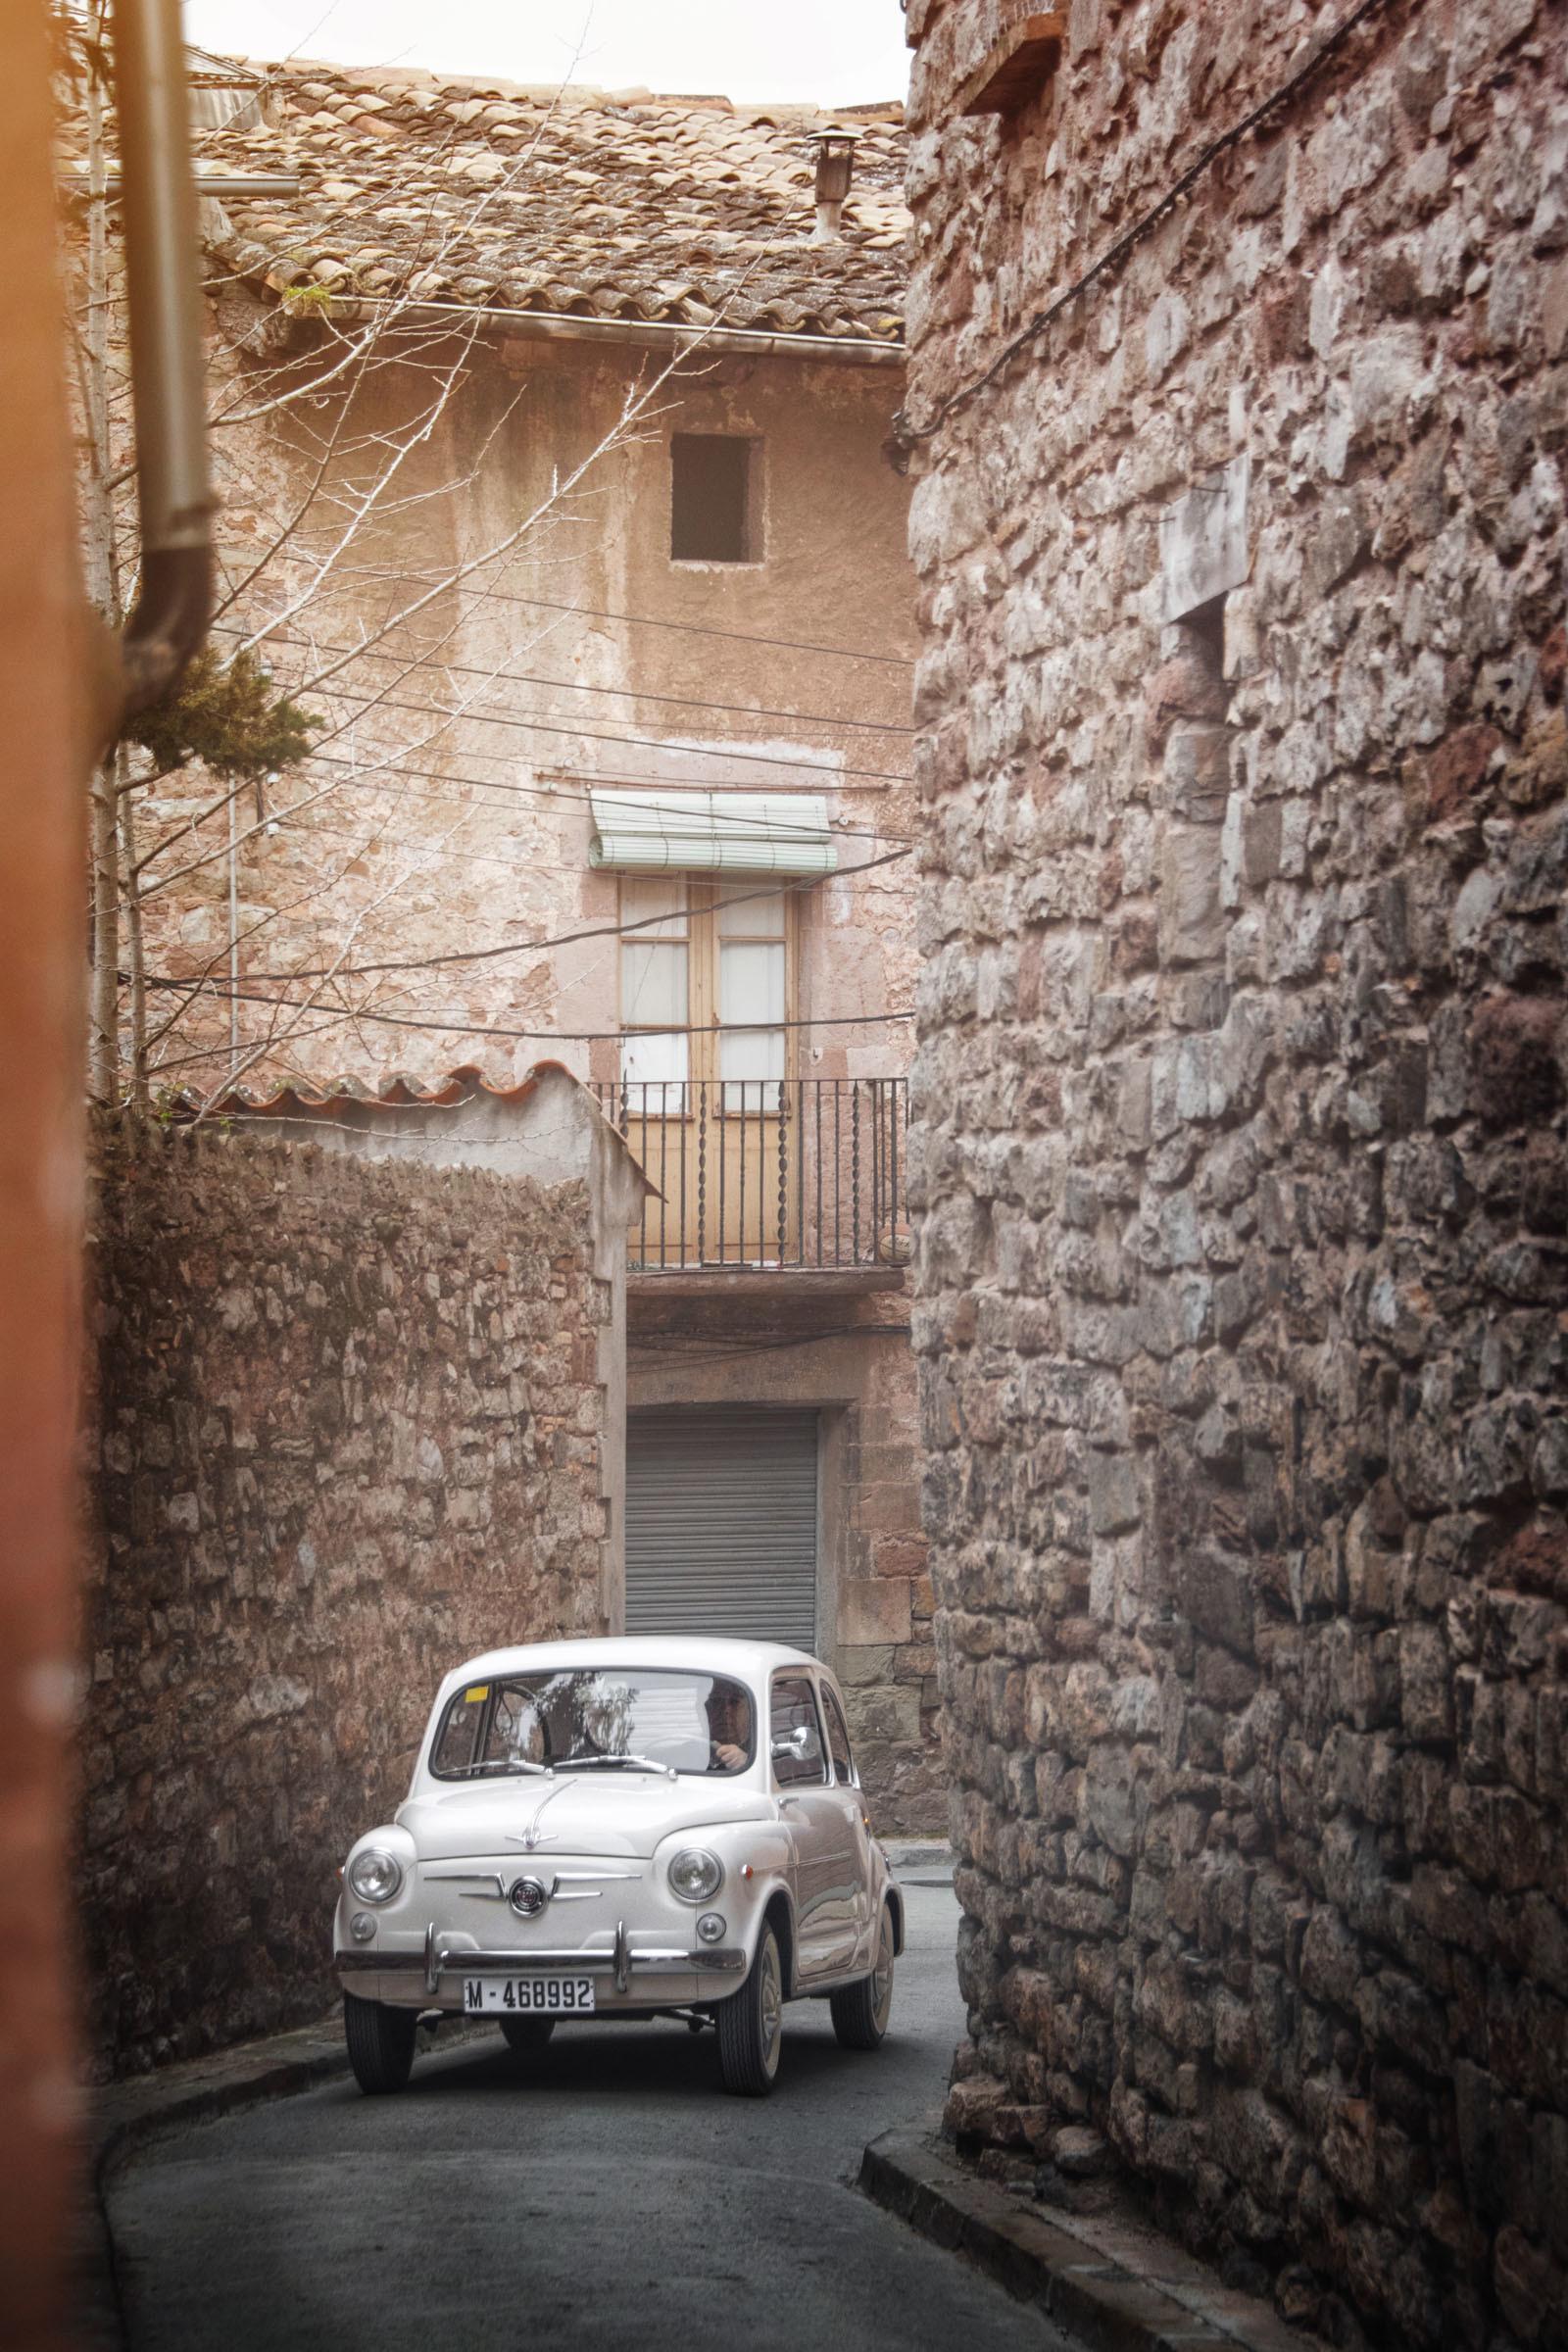 Foto de SEAT 600 (50 Aniversario) (26/64)